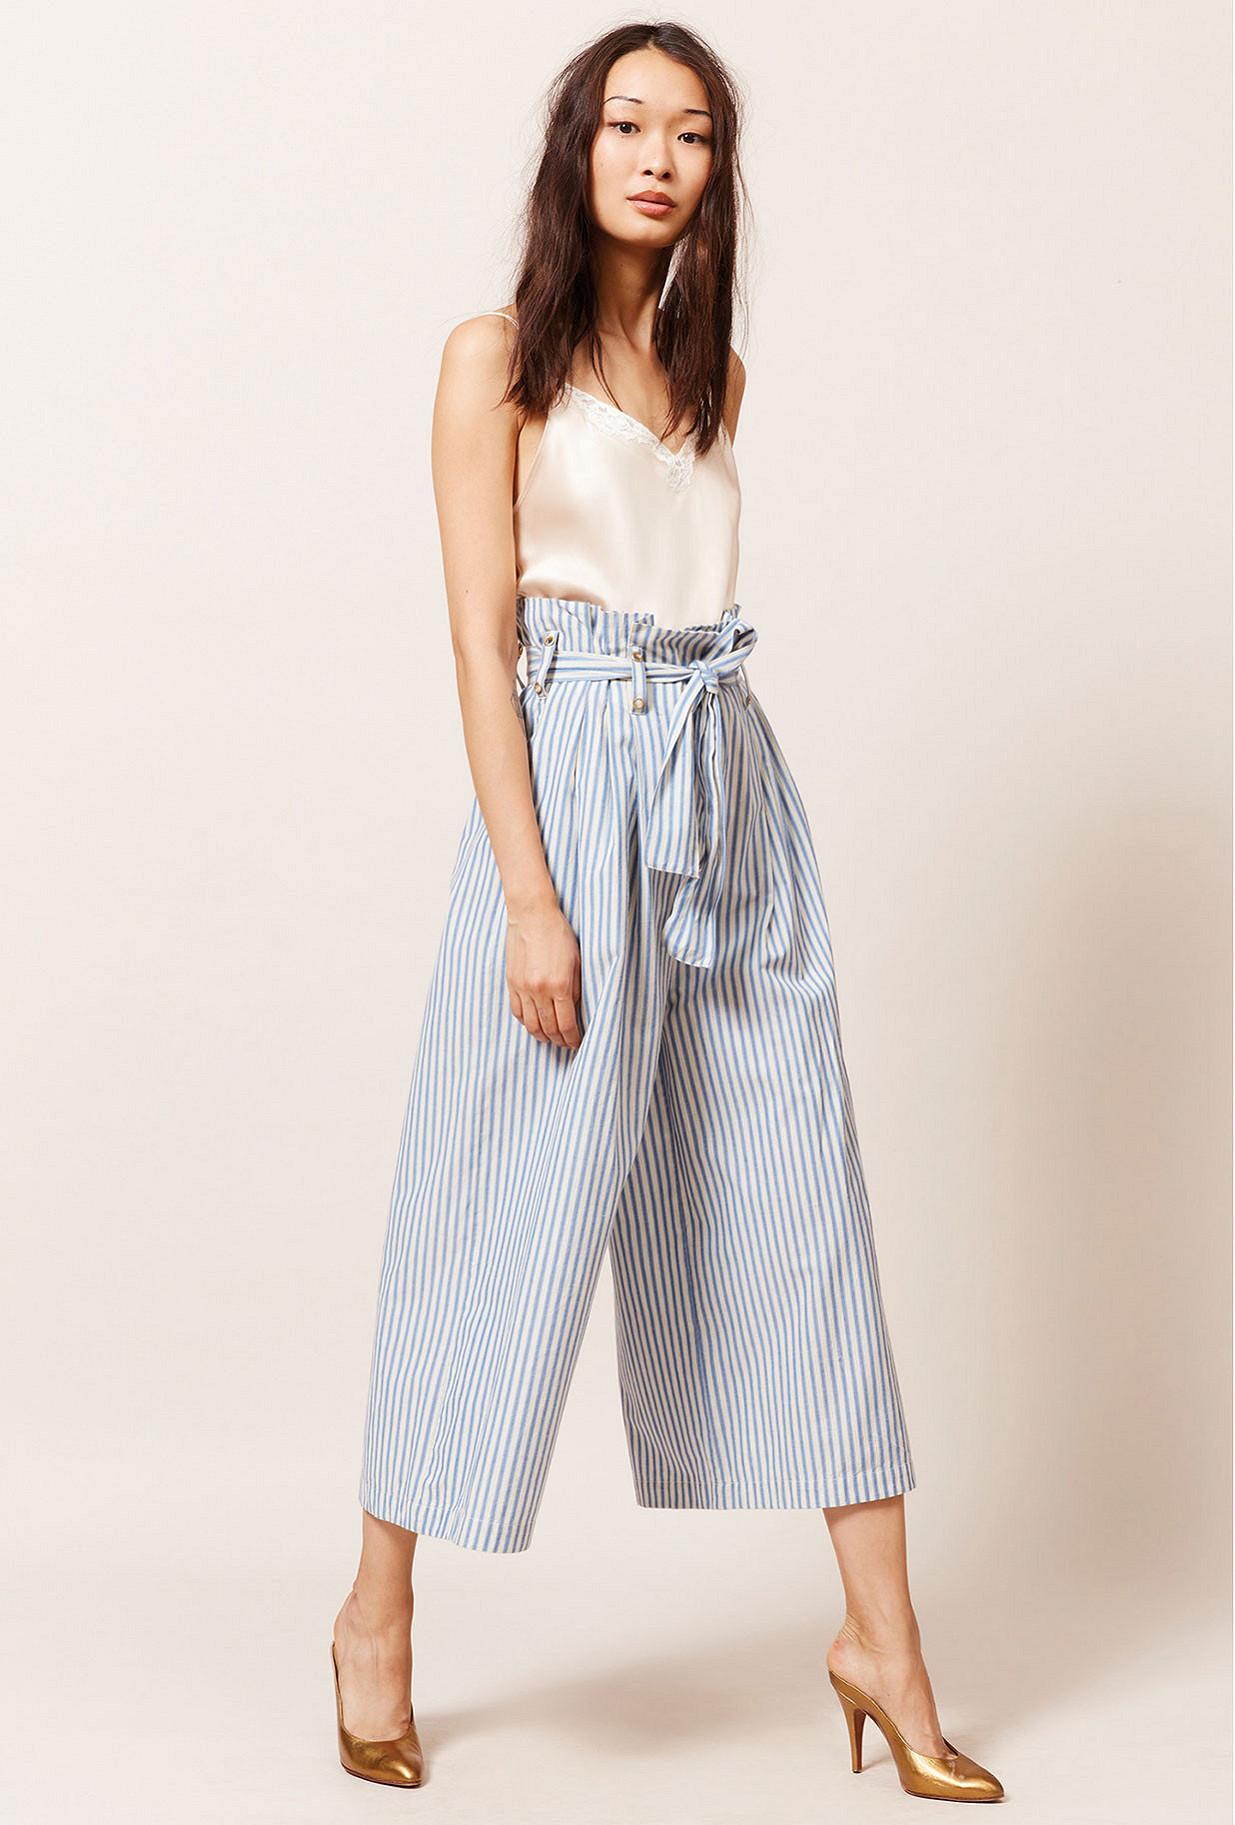 Paris boutique de mode vêtement Pantalon créateur bohème  Commons